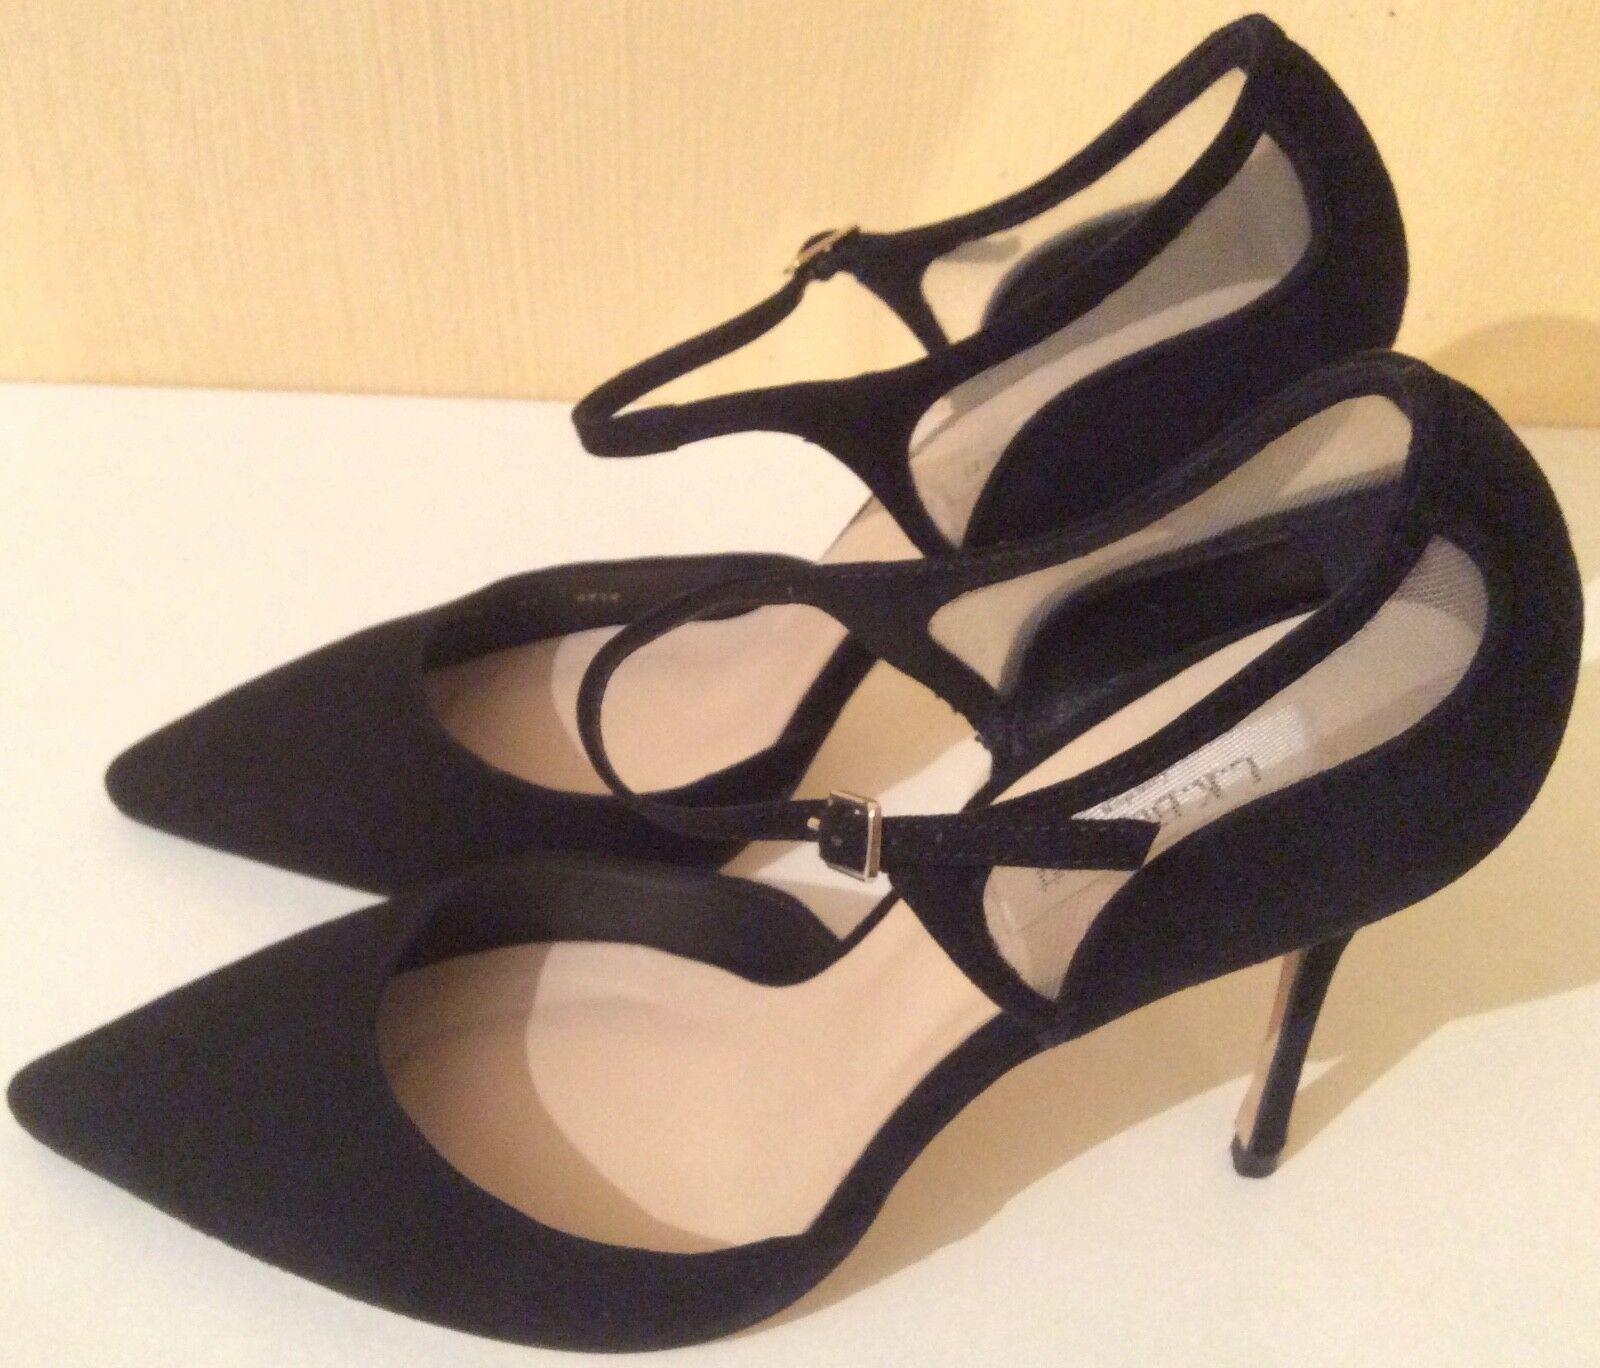 Nouveau Nouveau Nouveau LK BENNET  Evangelia  STILETTO CHATON en daim noir Chaussures cuir taille 7 41 4242e7